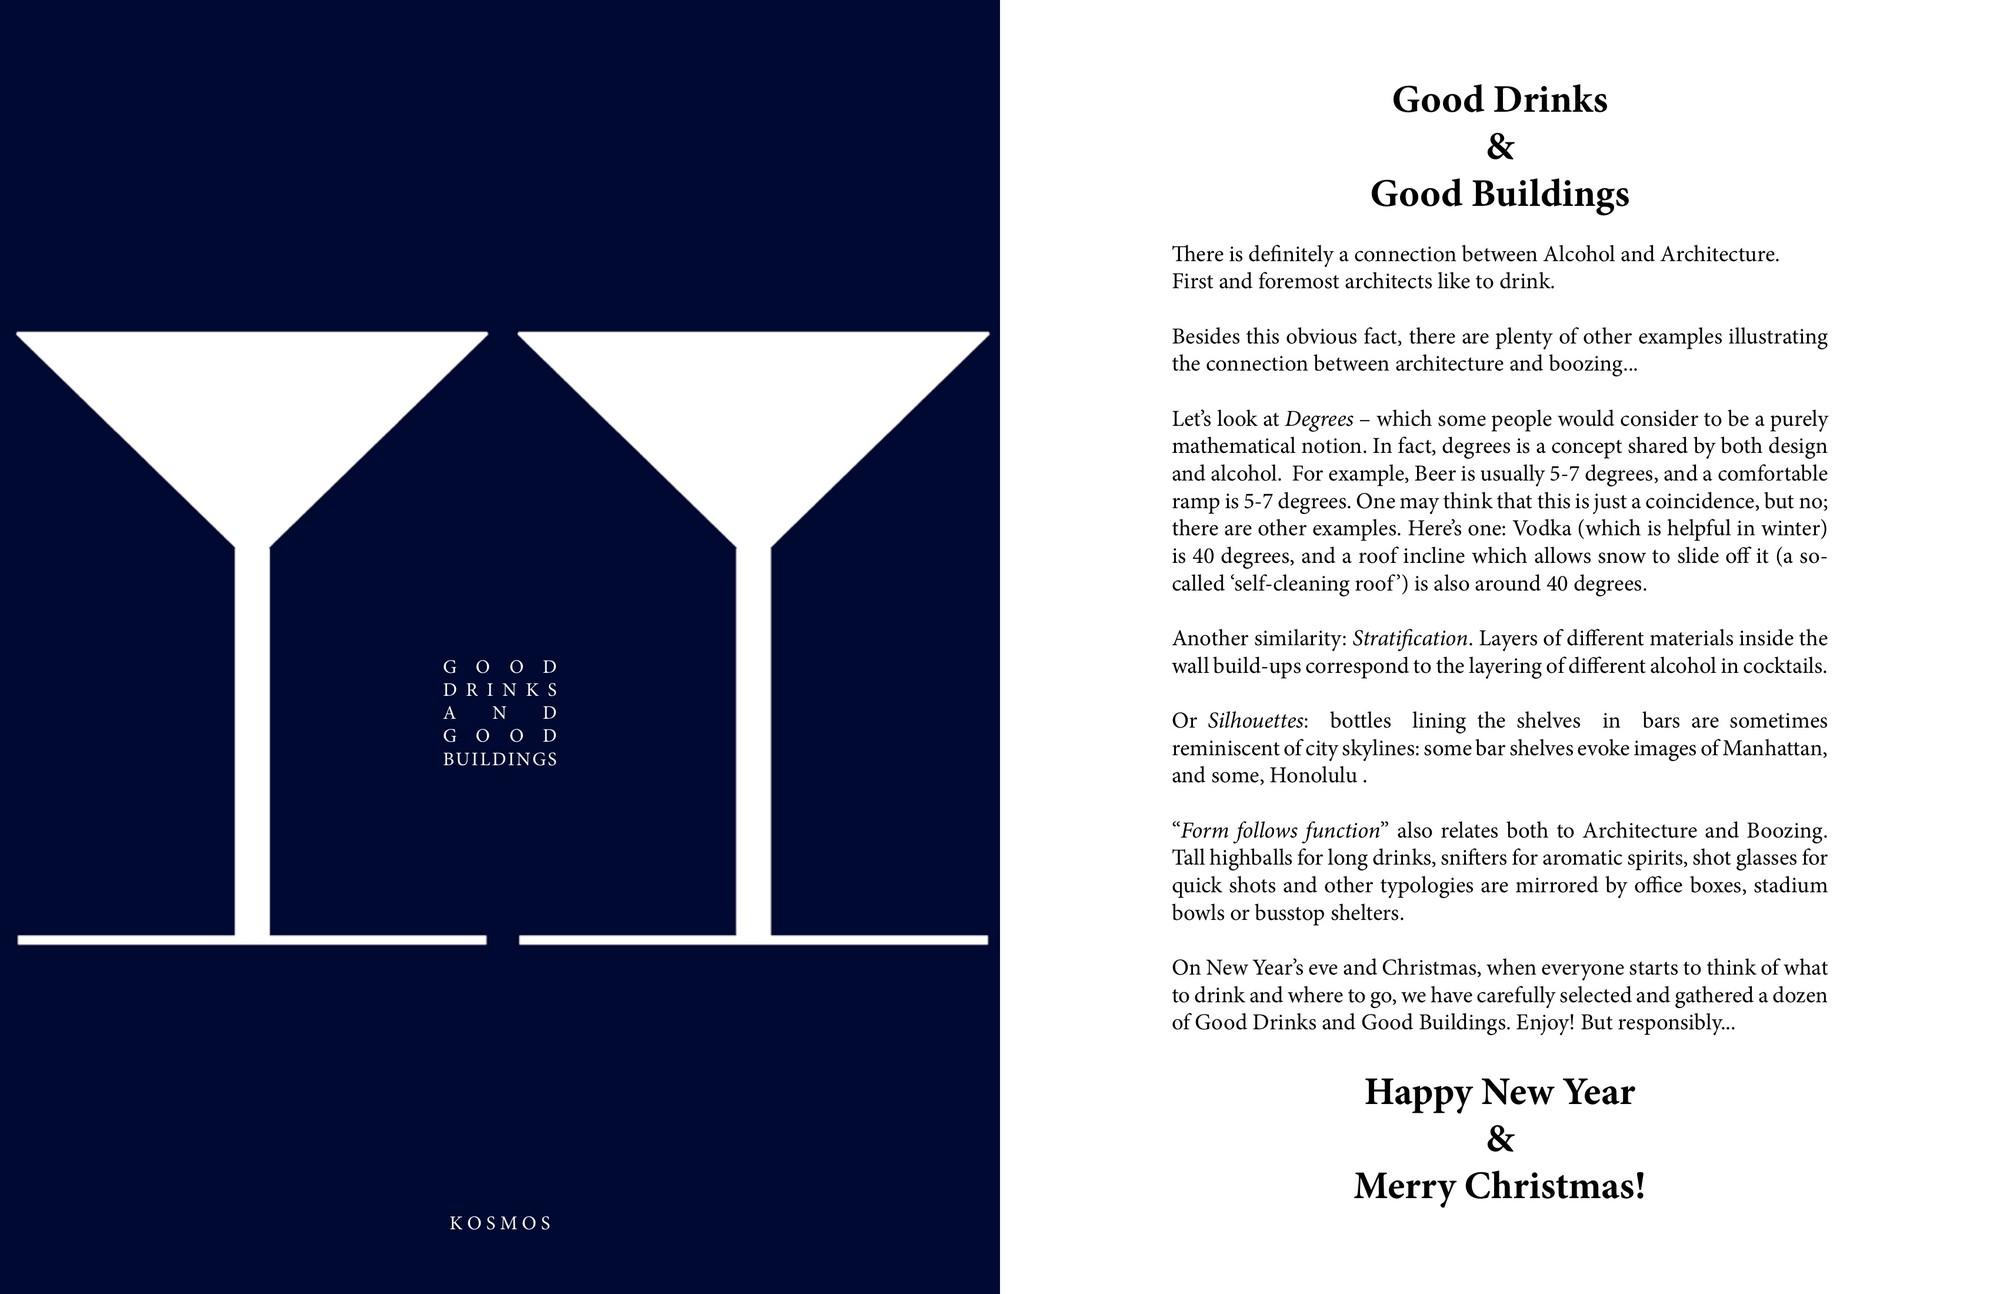 Good Drinks & Good Buildings. Imágen cortesía de Kosmos Architects